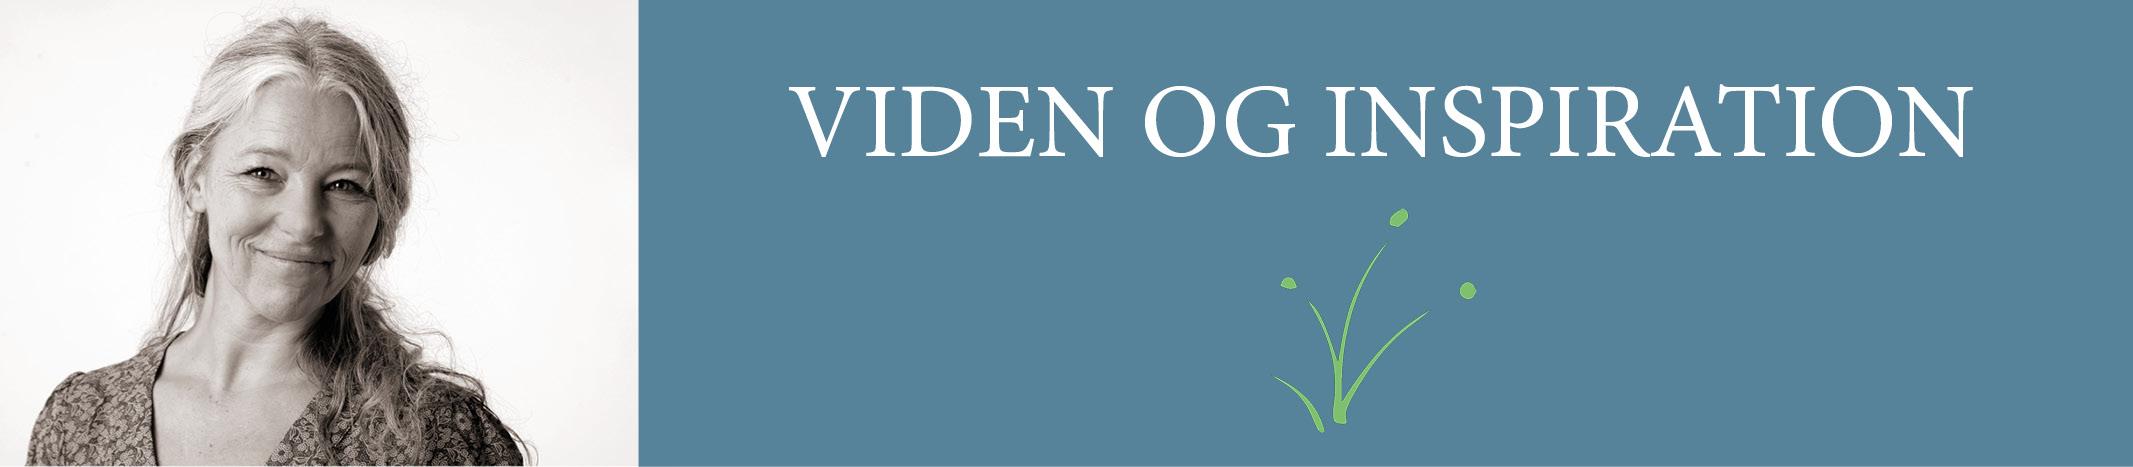 Viden og inspiration Lisbeth Tordendahl blog